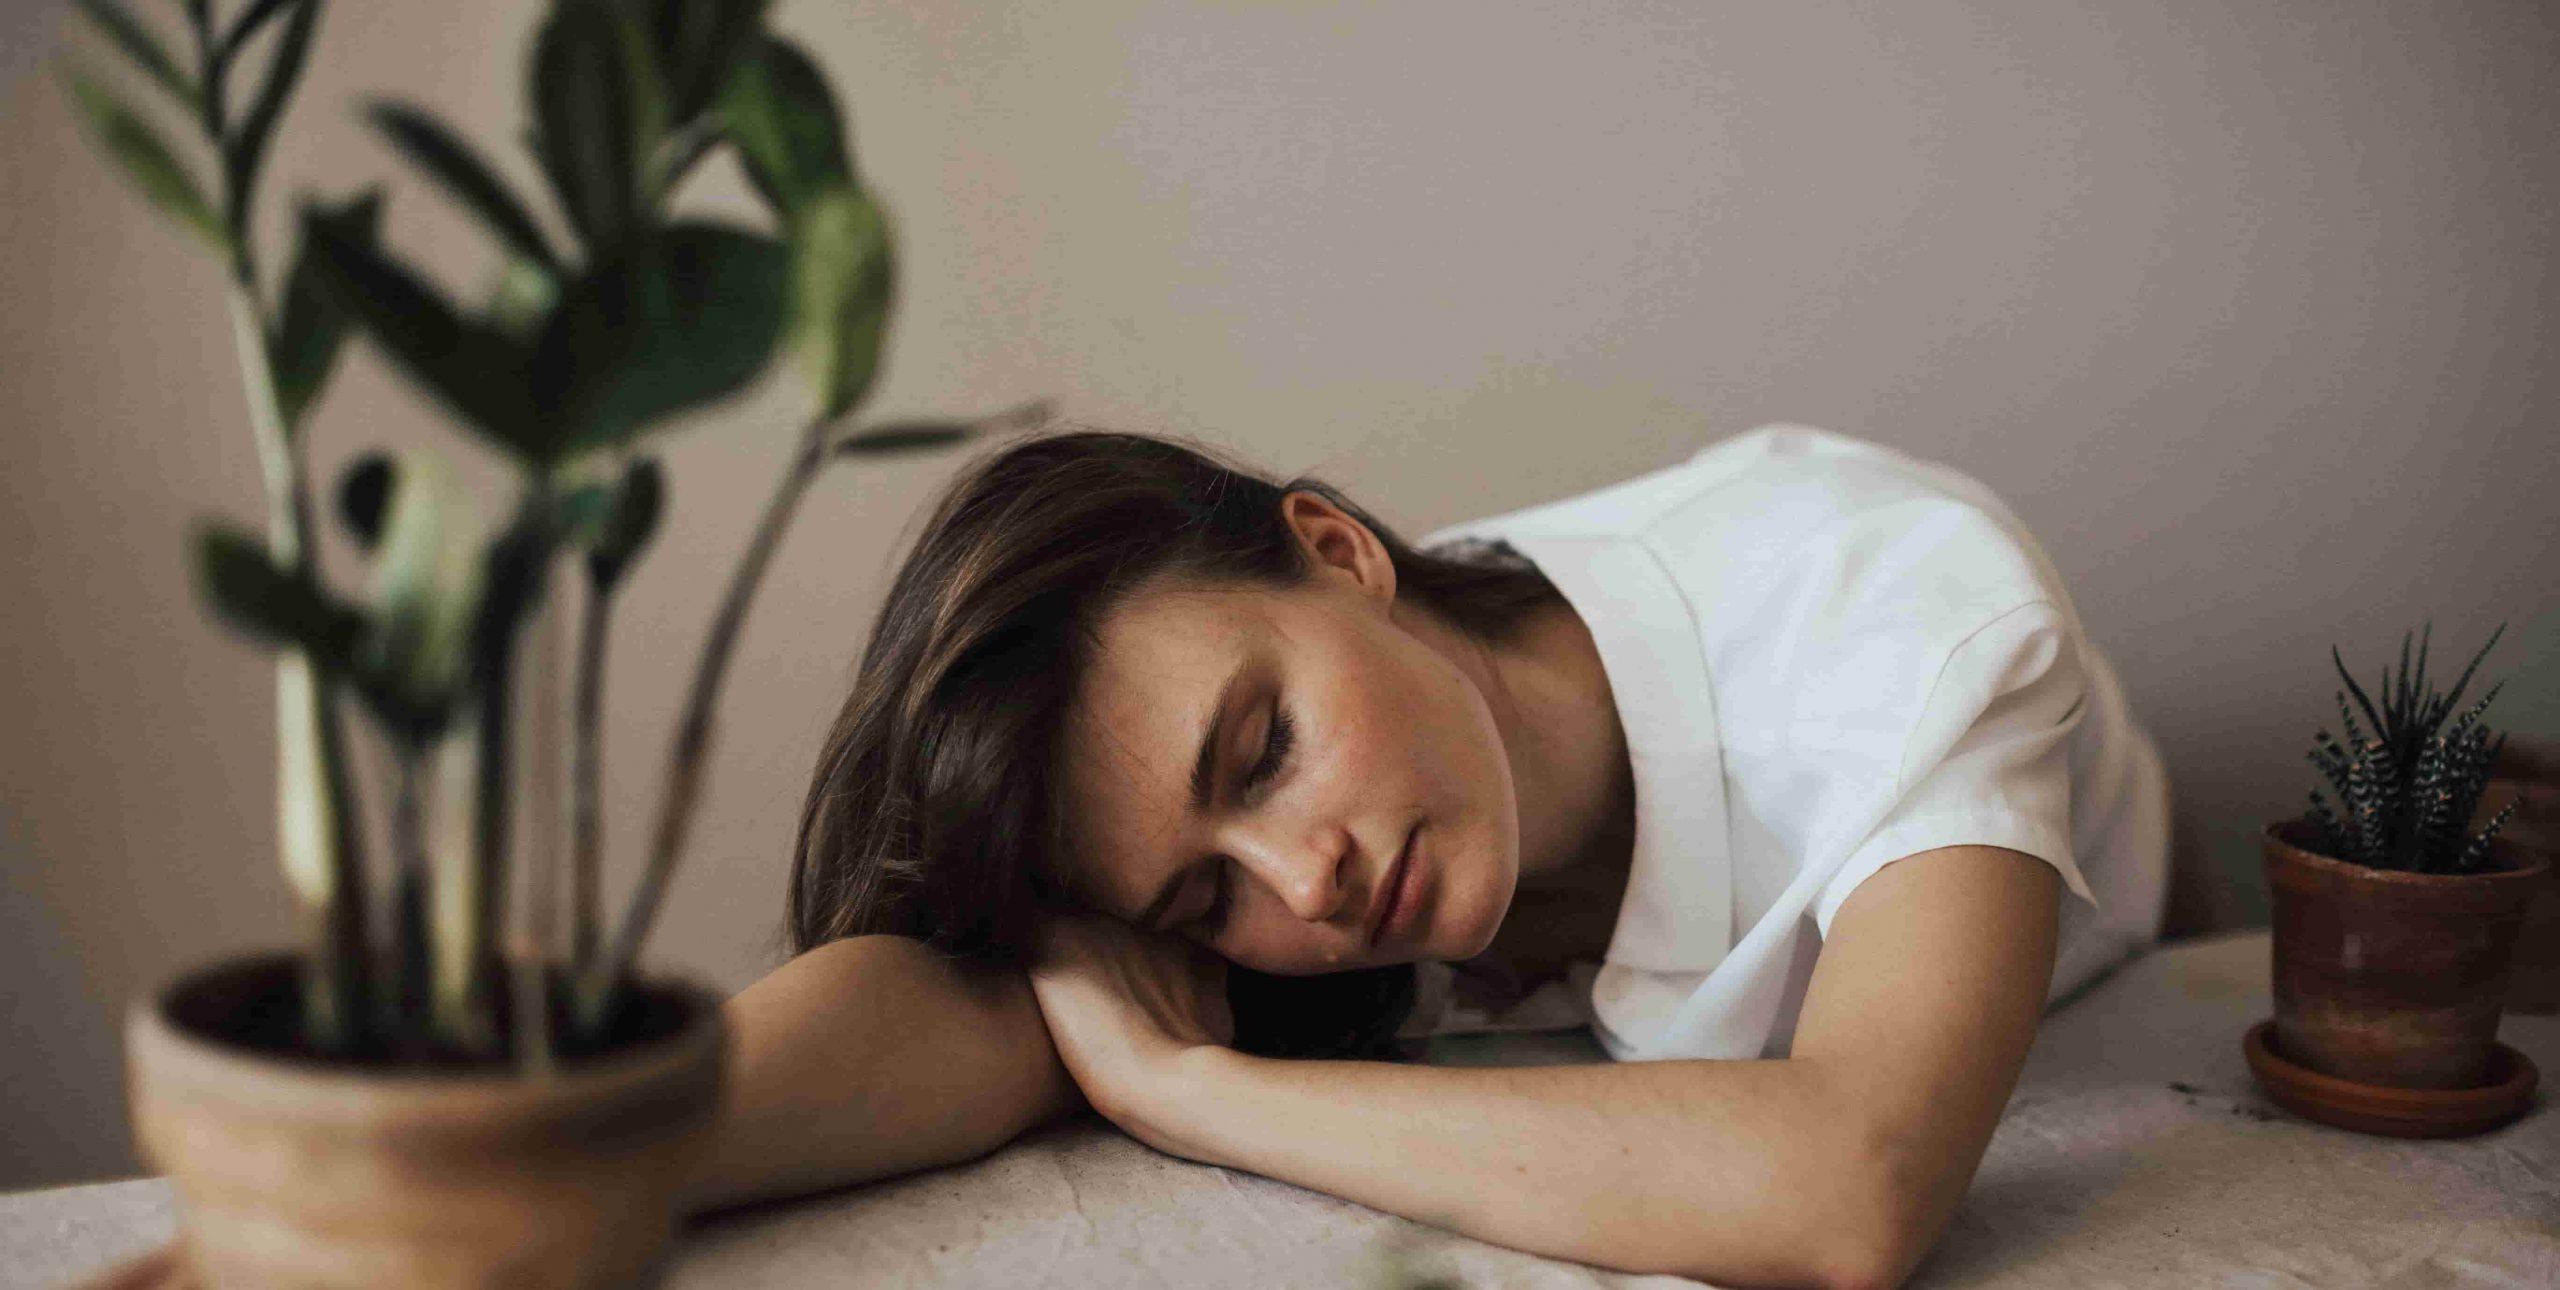 insomnio del sueño, insomnio en niños de 2 a 3 años, insomnio de mantenimiento tratamiento, insomnio estres, insomnio hormonal, insomnio y ansiedad en la menopausia, terapia cognitivo, conductual para el insomnio, problemas de insomnio por ansiedad, te para insomnio cronico, insomnio en personas mayores, insomnio psiquiatria, la cura para el insomnio, terapia cognitivo, conductual para insomnio, tratamiento del insomnio en ancianos, te para el insomnio cronico, insomnio 00095, tratamiento farmacologico para el insomnio